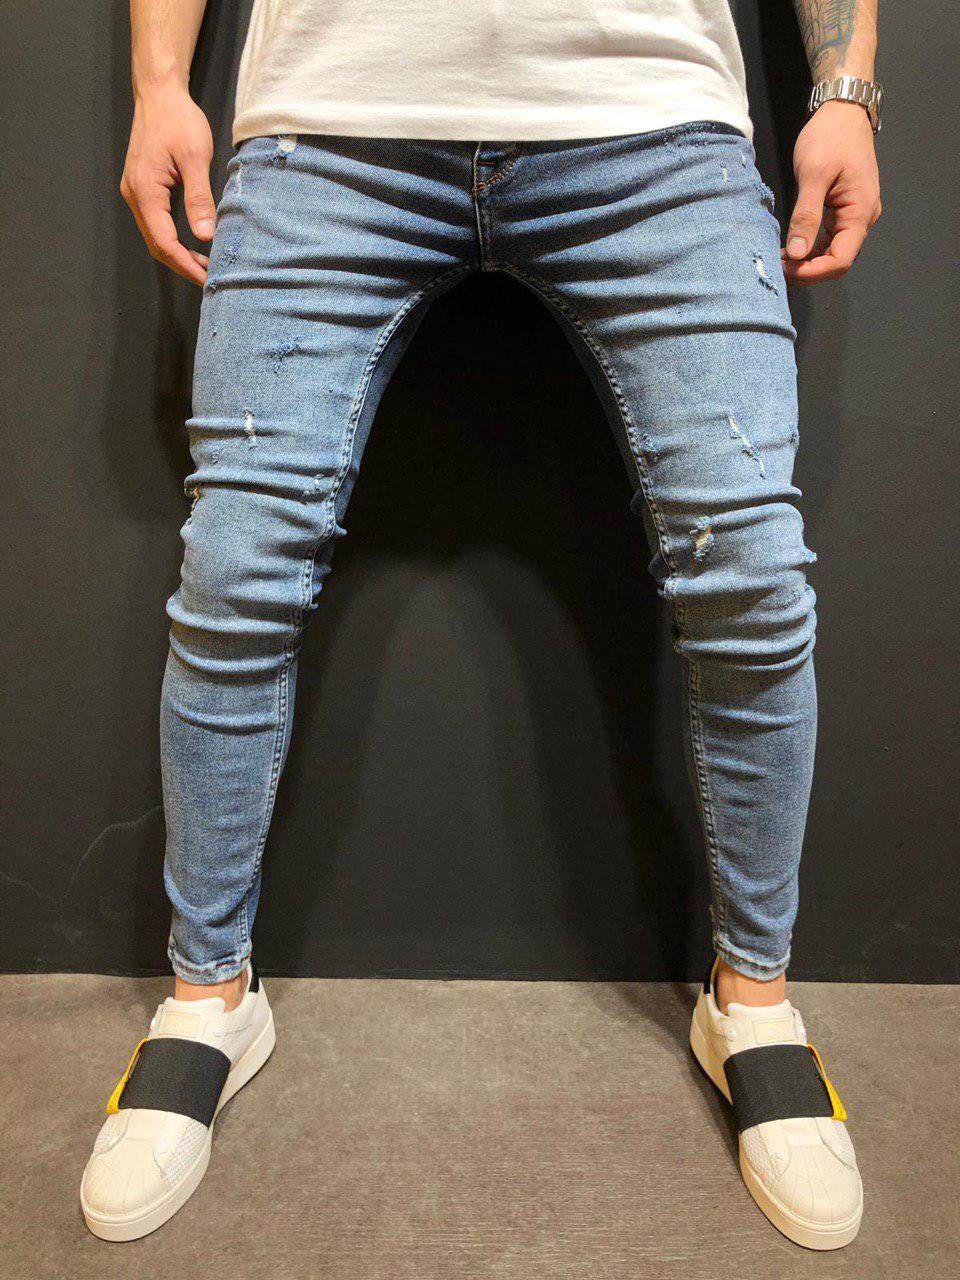 ab511f95640 Джинсы мужские синие рваные зауженные весна лето осень ТОП КАЧЕСТВО мужские  джинсы темно-синие 34